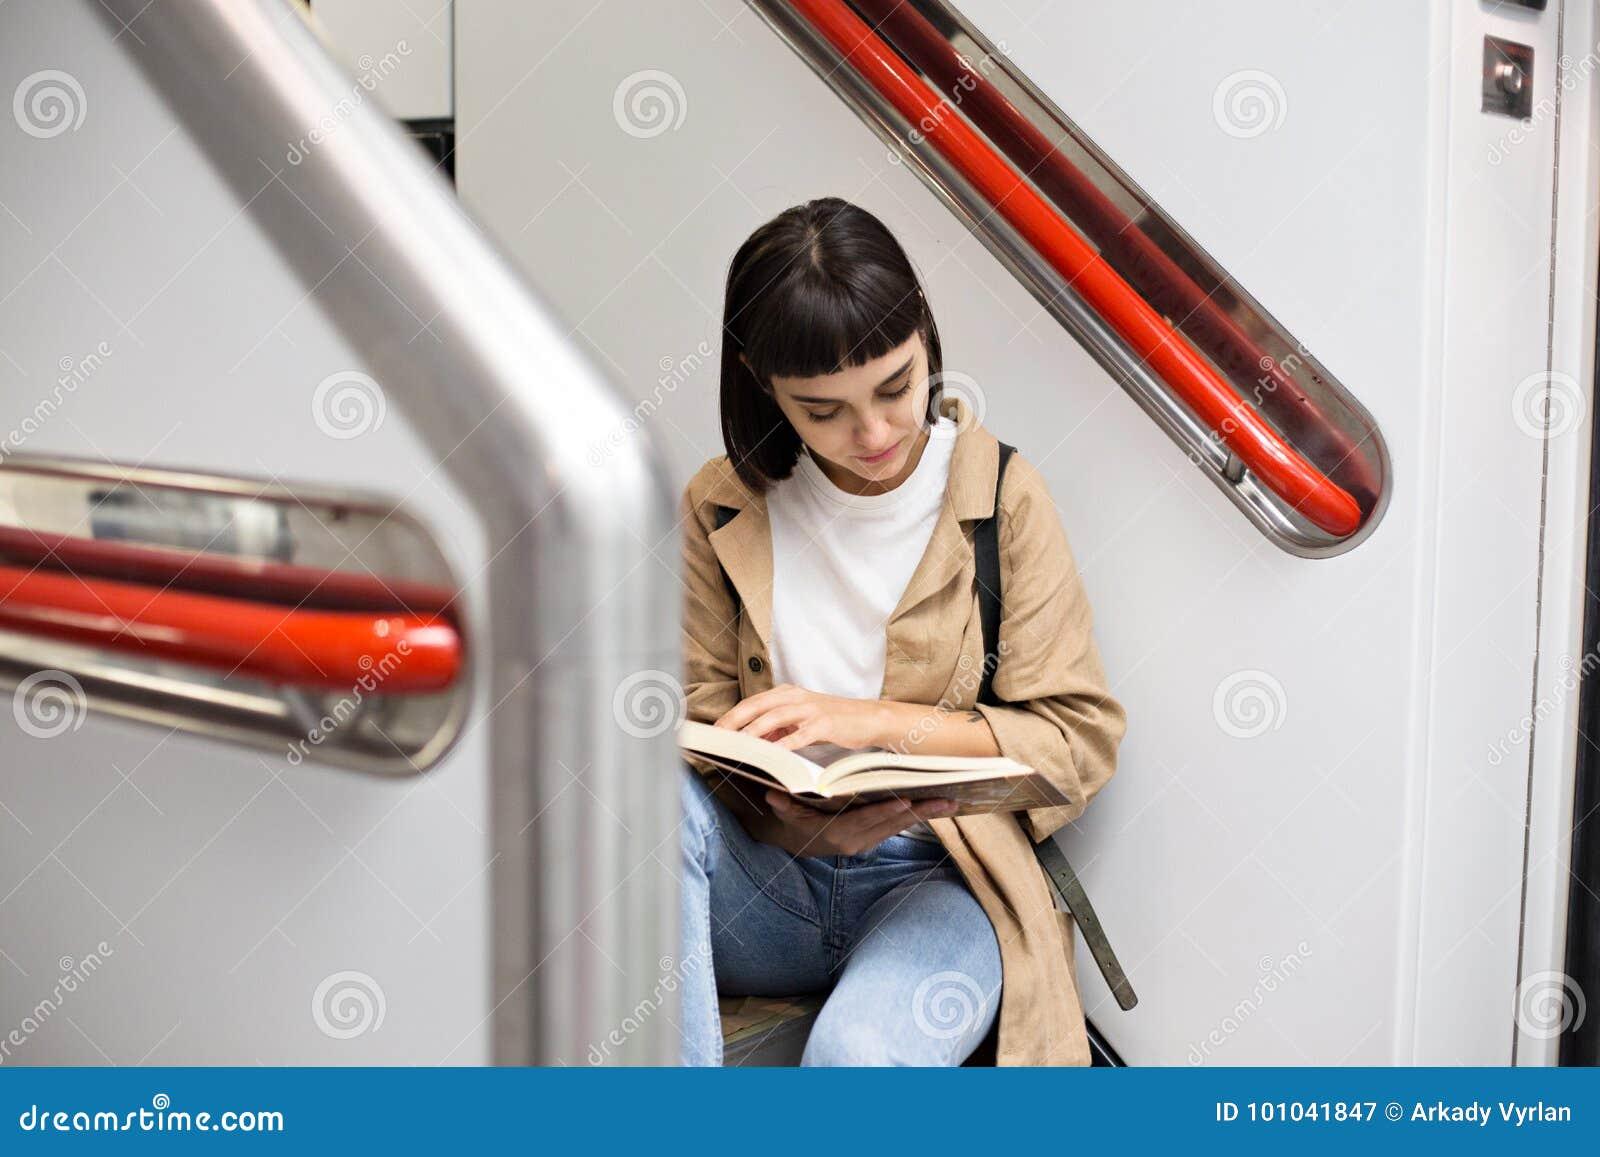 La mujer lee el libro en las escaleras del tren